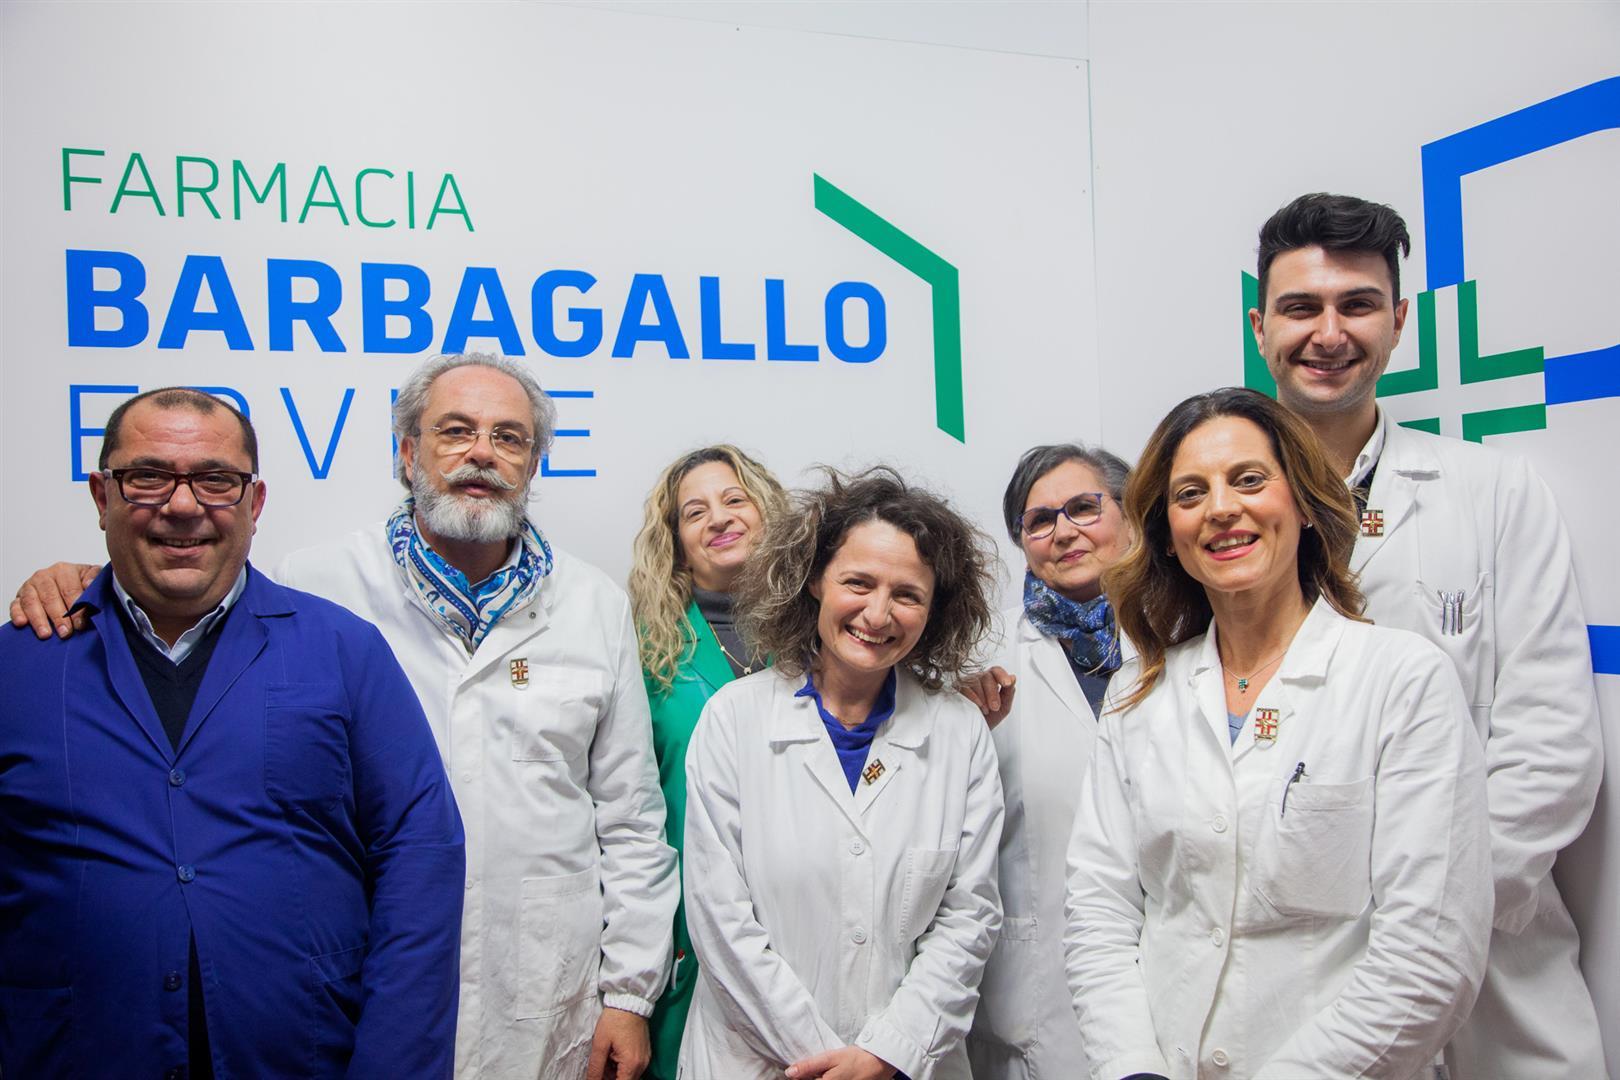 videoconferenza farmacia barbagallo edvige - parla con il tuo farmacista